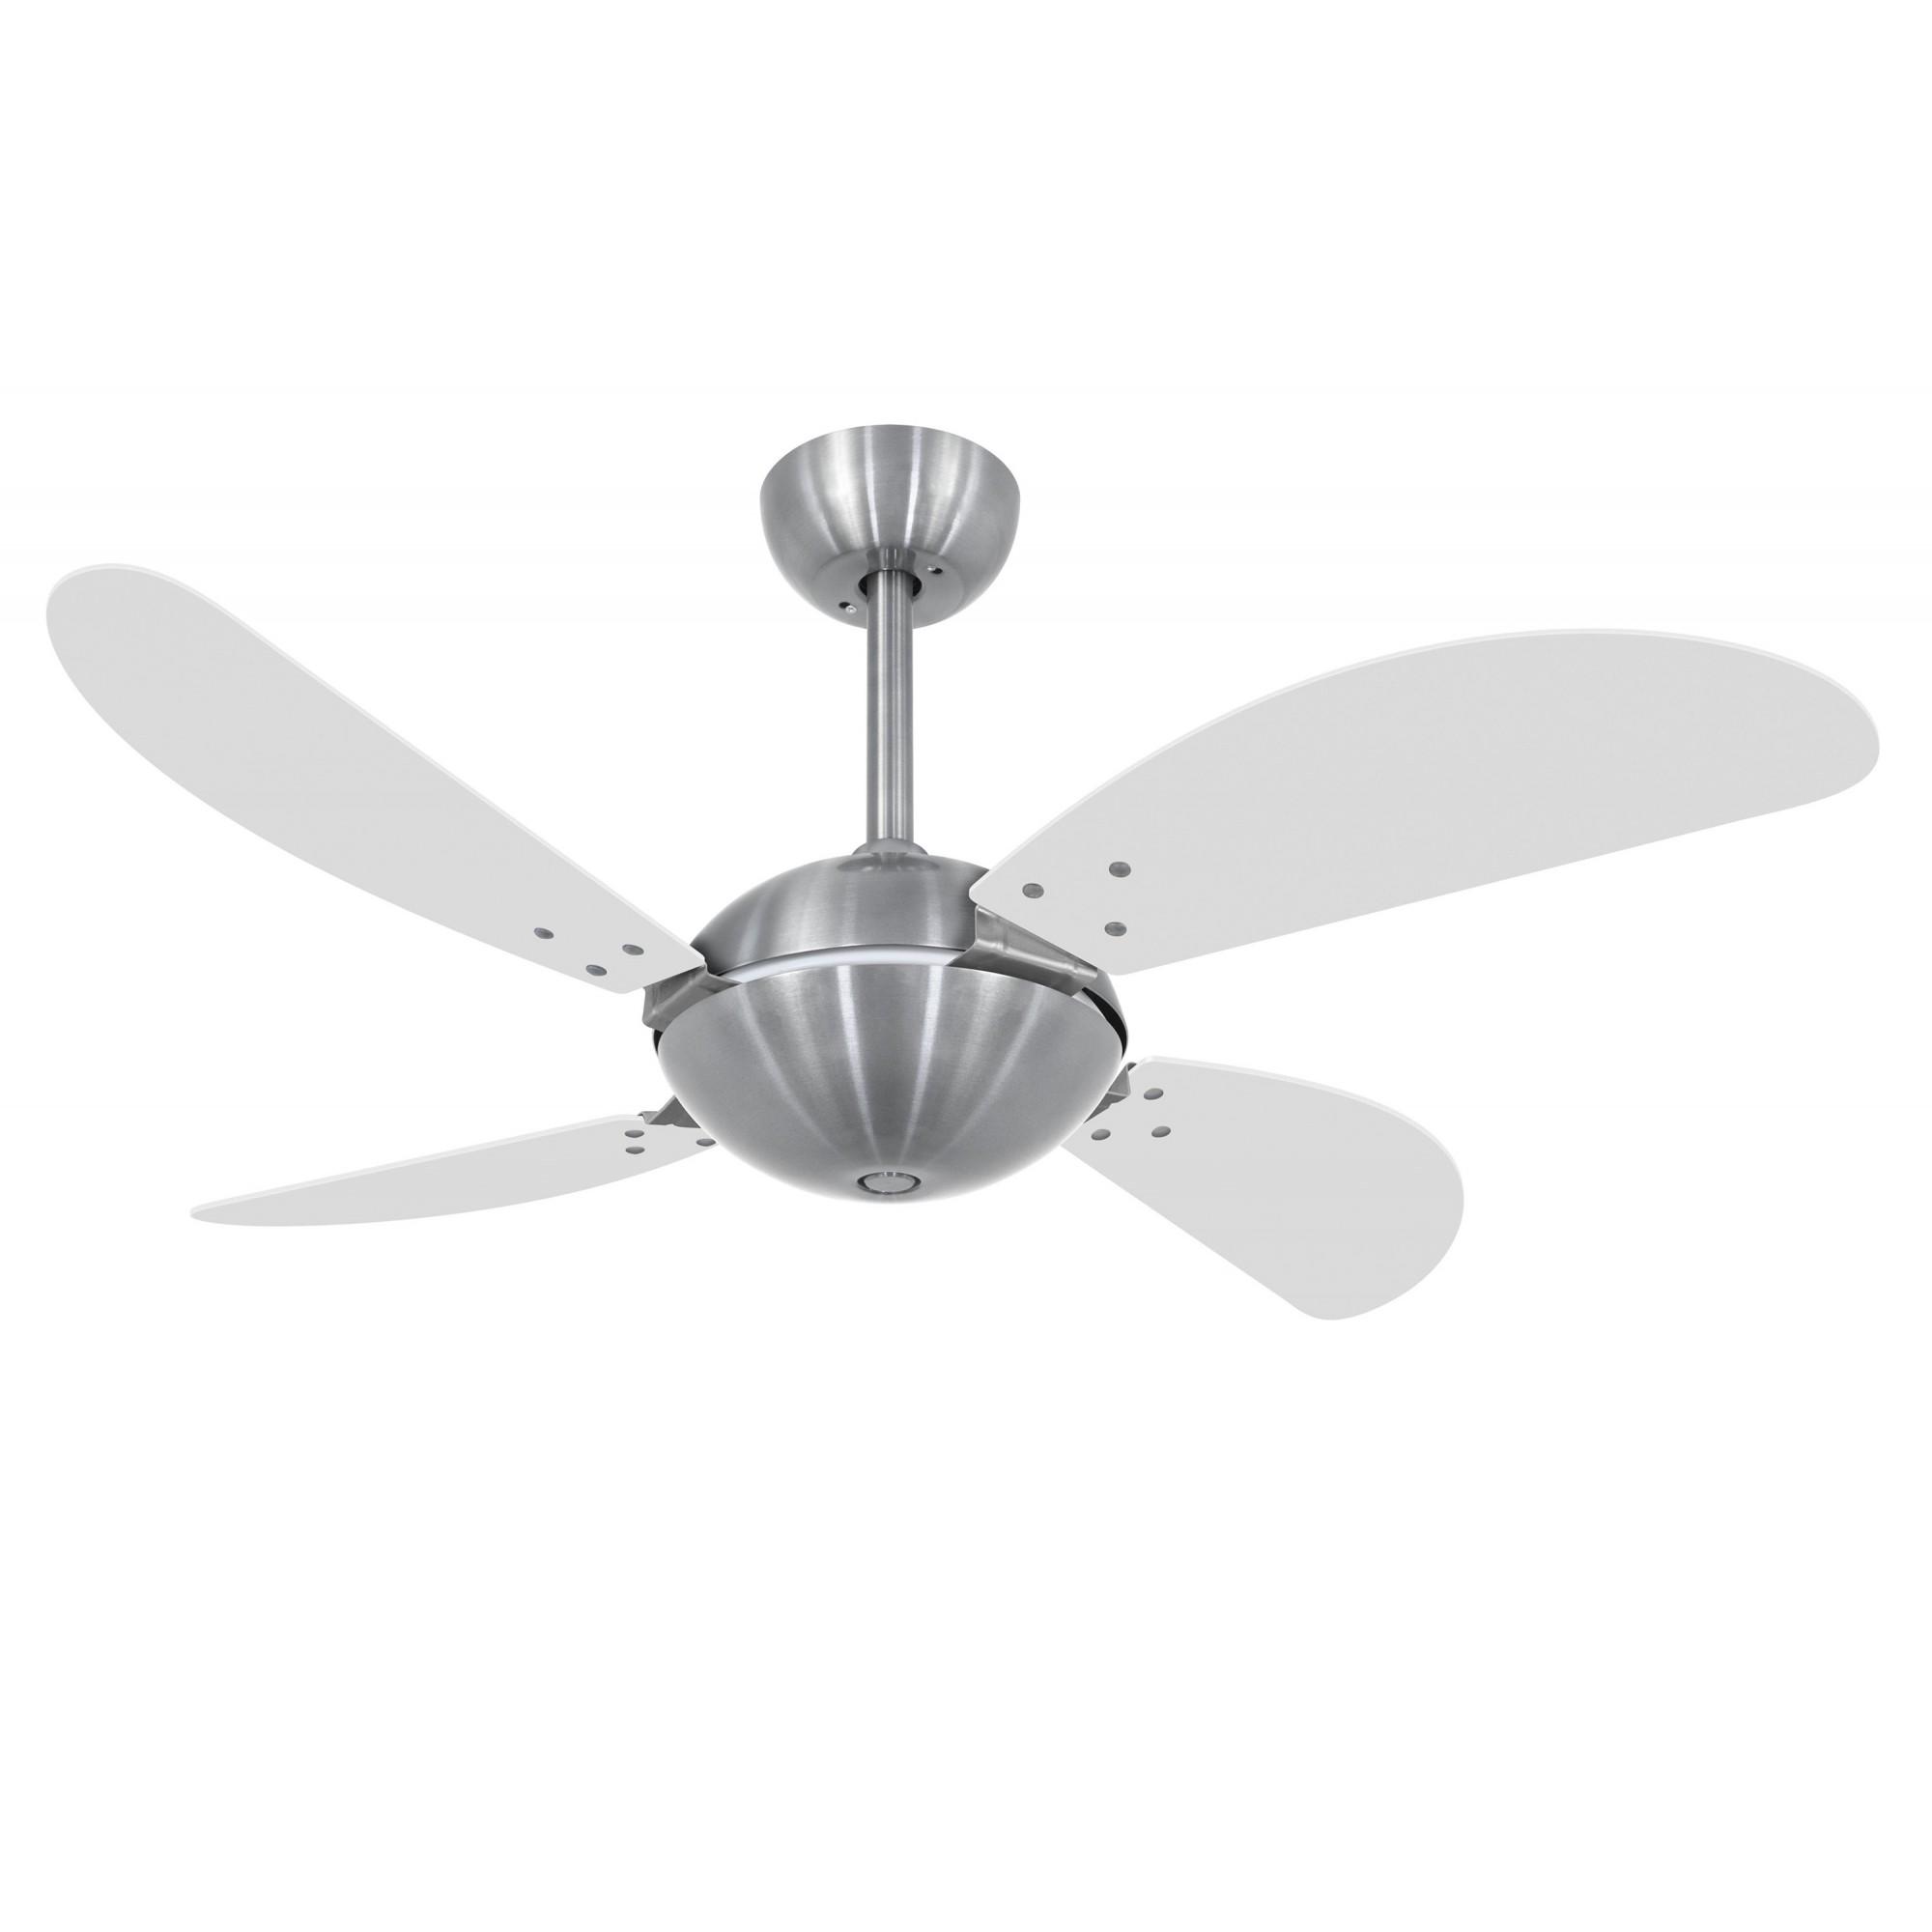 Ventilador de Teto Office Fly Prata/Br 220V+Controle remoto